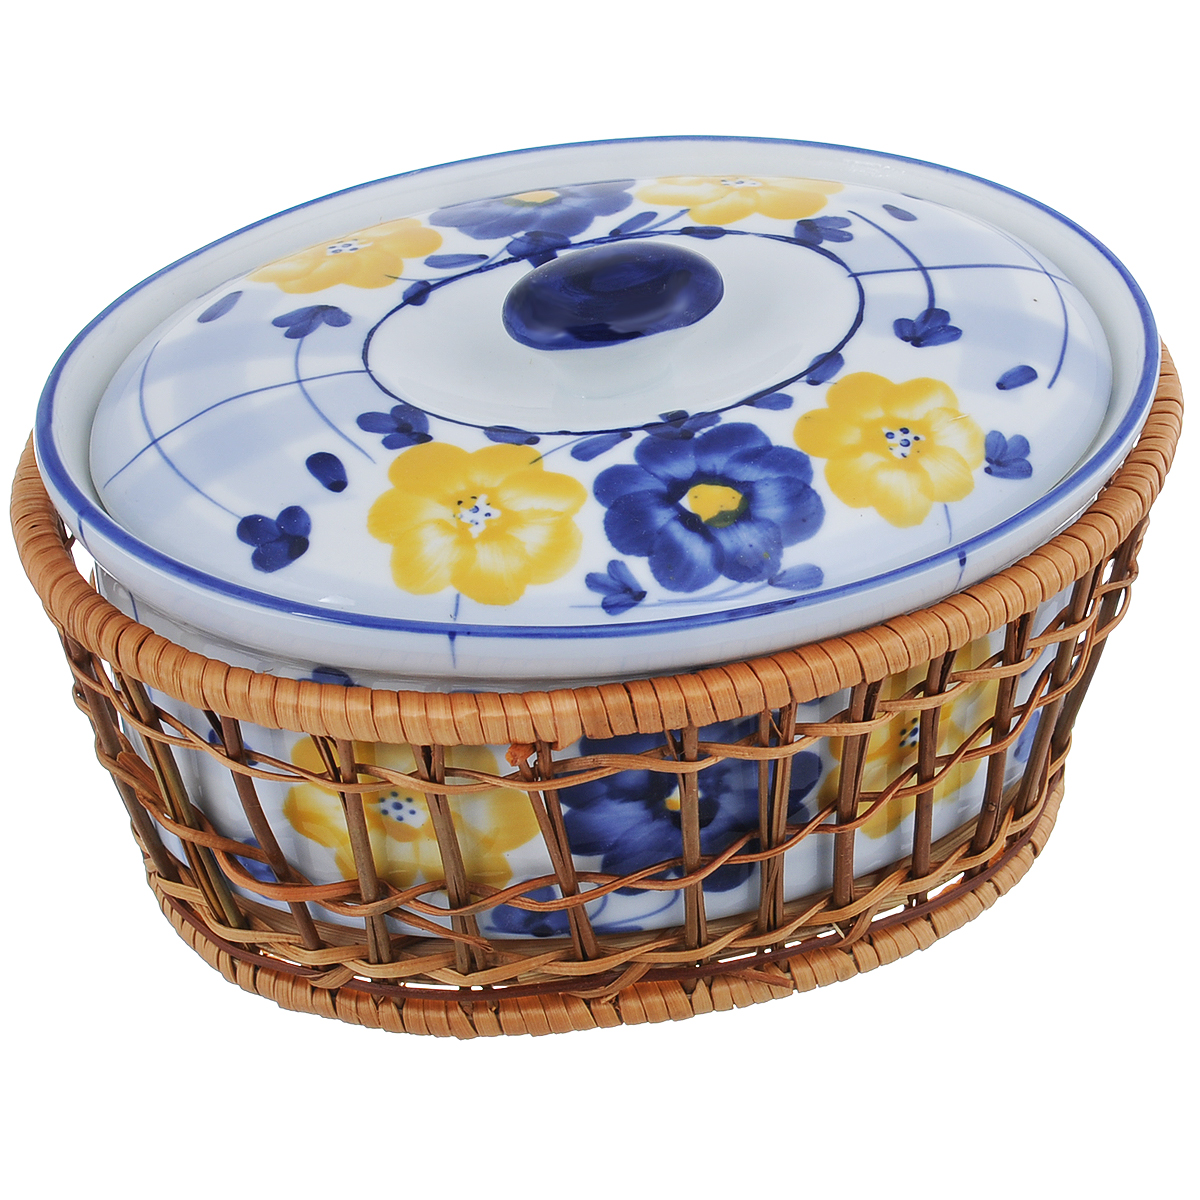 Кастрюля Loraine с крышкой, на подставке, 900 мл40970Кастрюля Loraine, изготовленная из жаропрочной керамики, подходит для любого вида пищи. Элегантный дизайн идеально подходит для современного дома. В комплект входит крышка и плетеная корзина-подставка, изготовленная из ротанга.Изделия из керамики идеально подходят как для приготовления пищи, так и для подачи на стол. Материал не содержит свинца и кадмия. С такой кастрюлей вы всегда сможете порадовать своих близких оригинальным блюдом.Изделие можно использовать в духовке и холодильнике. Можно мыть в посудомоечной машине.Высота кастрюли (без учета крышки): 8 см. Толщина стенки: 4 мм. Толщина дна: 4 мм. Размер по верхнему краю: 19,5 см х 15 см. Размер основания: 16,5 см х 11,5 см. Размер корзинки: 20 см х 15 см х 8 см.